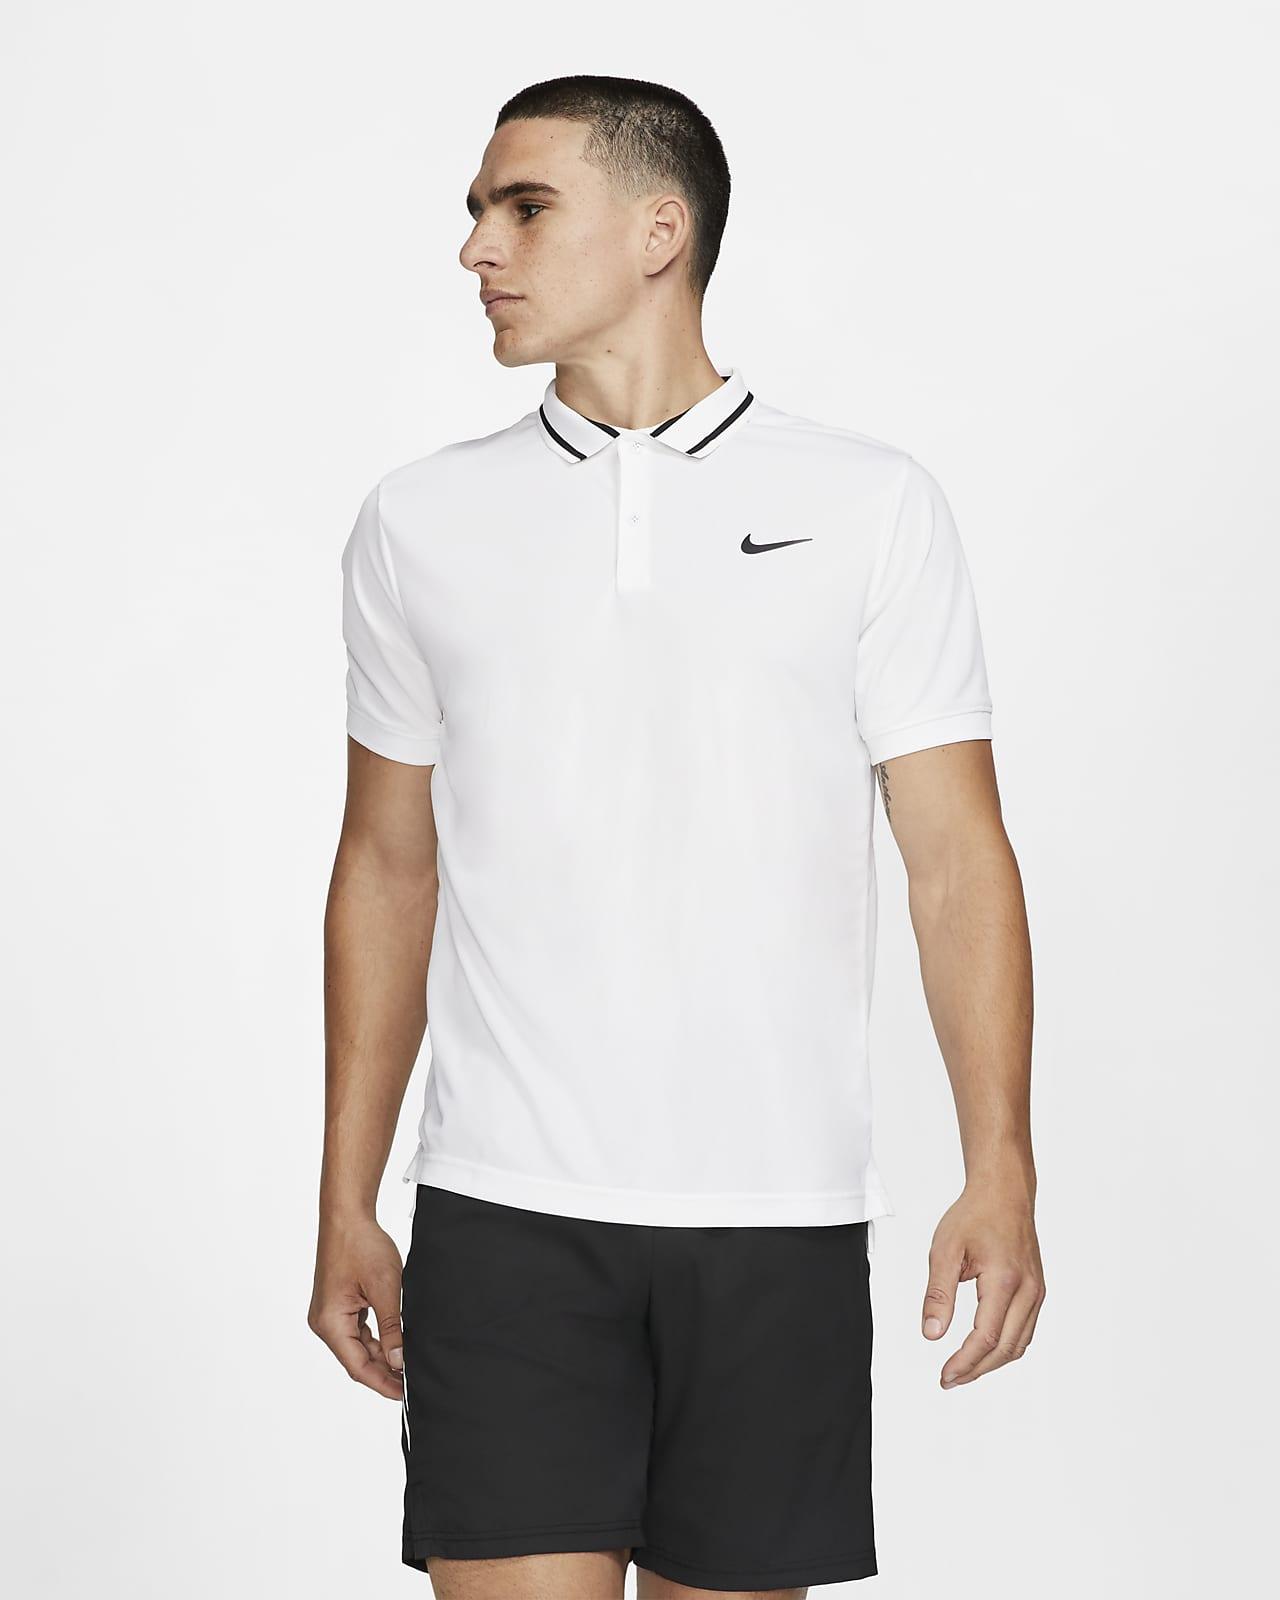 erótico Parecer Embutido  NikeCourt Dri-FIT Men's Tennis Polo. Nike.com